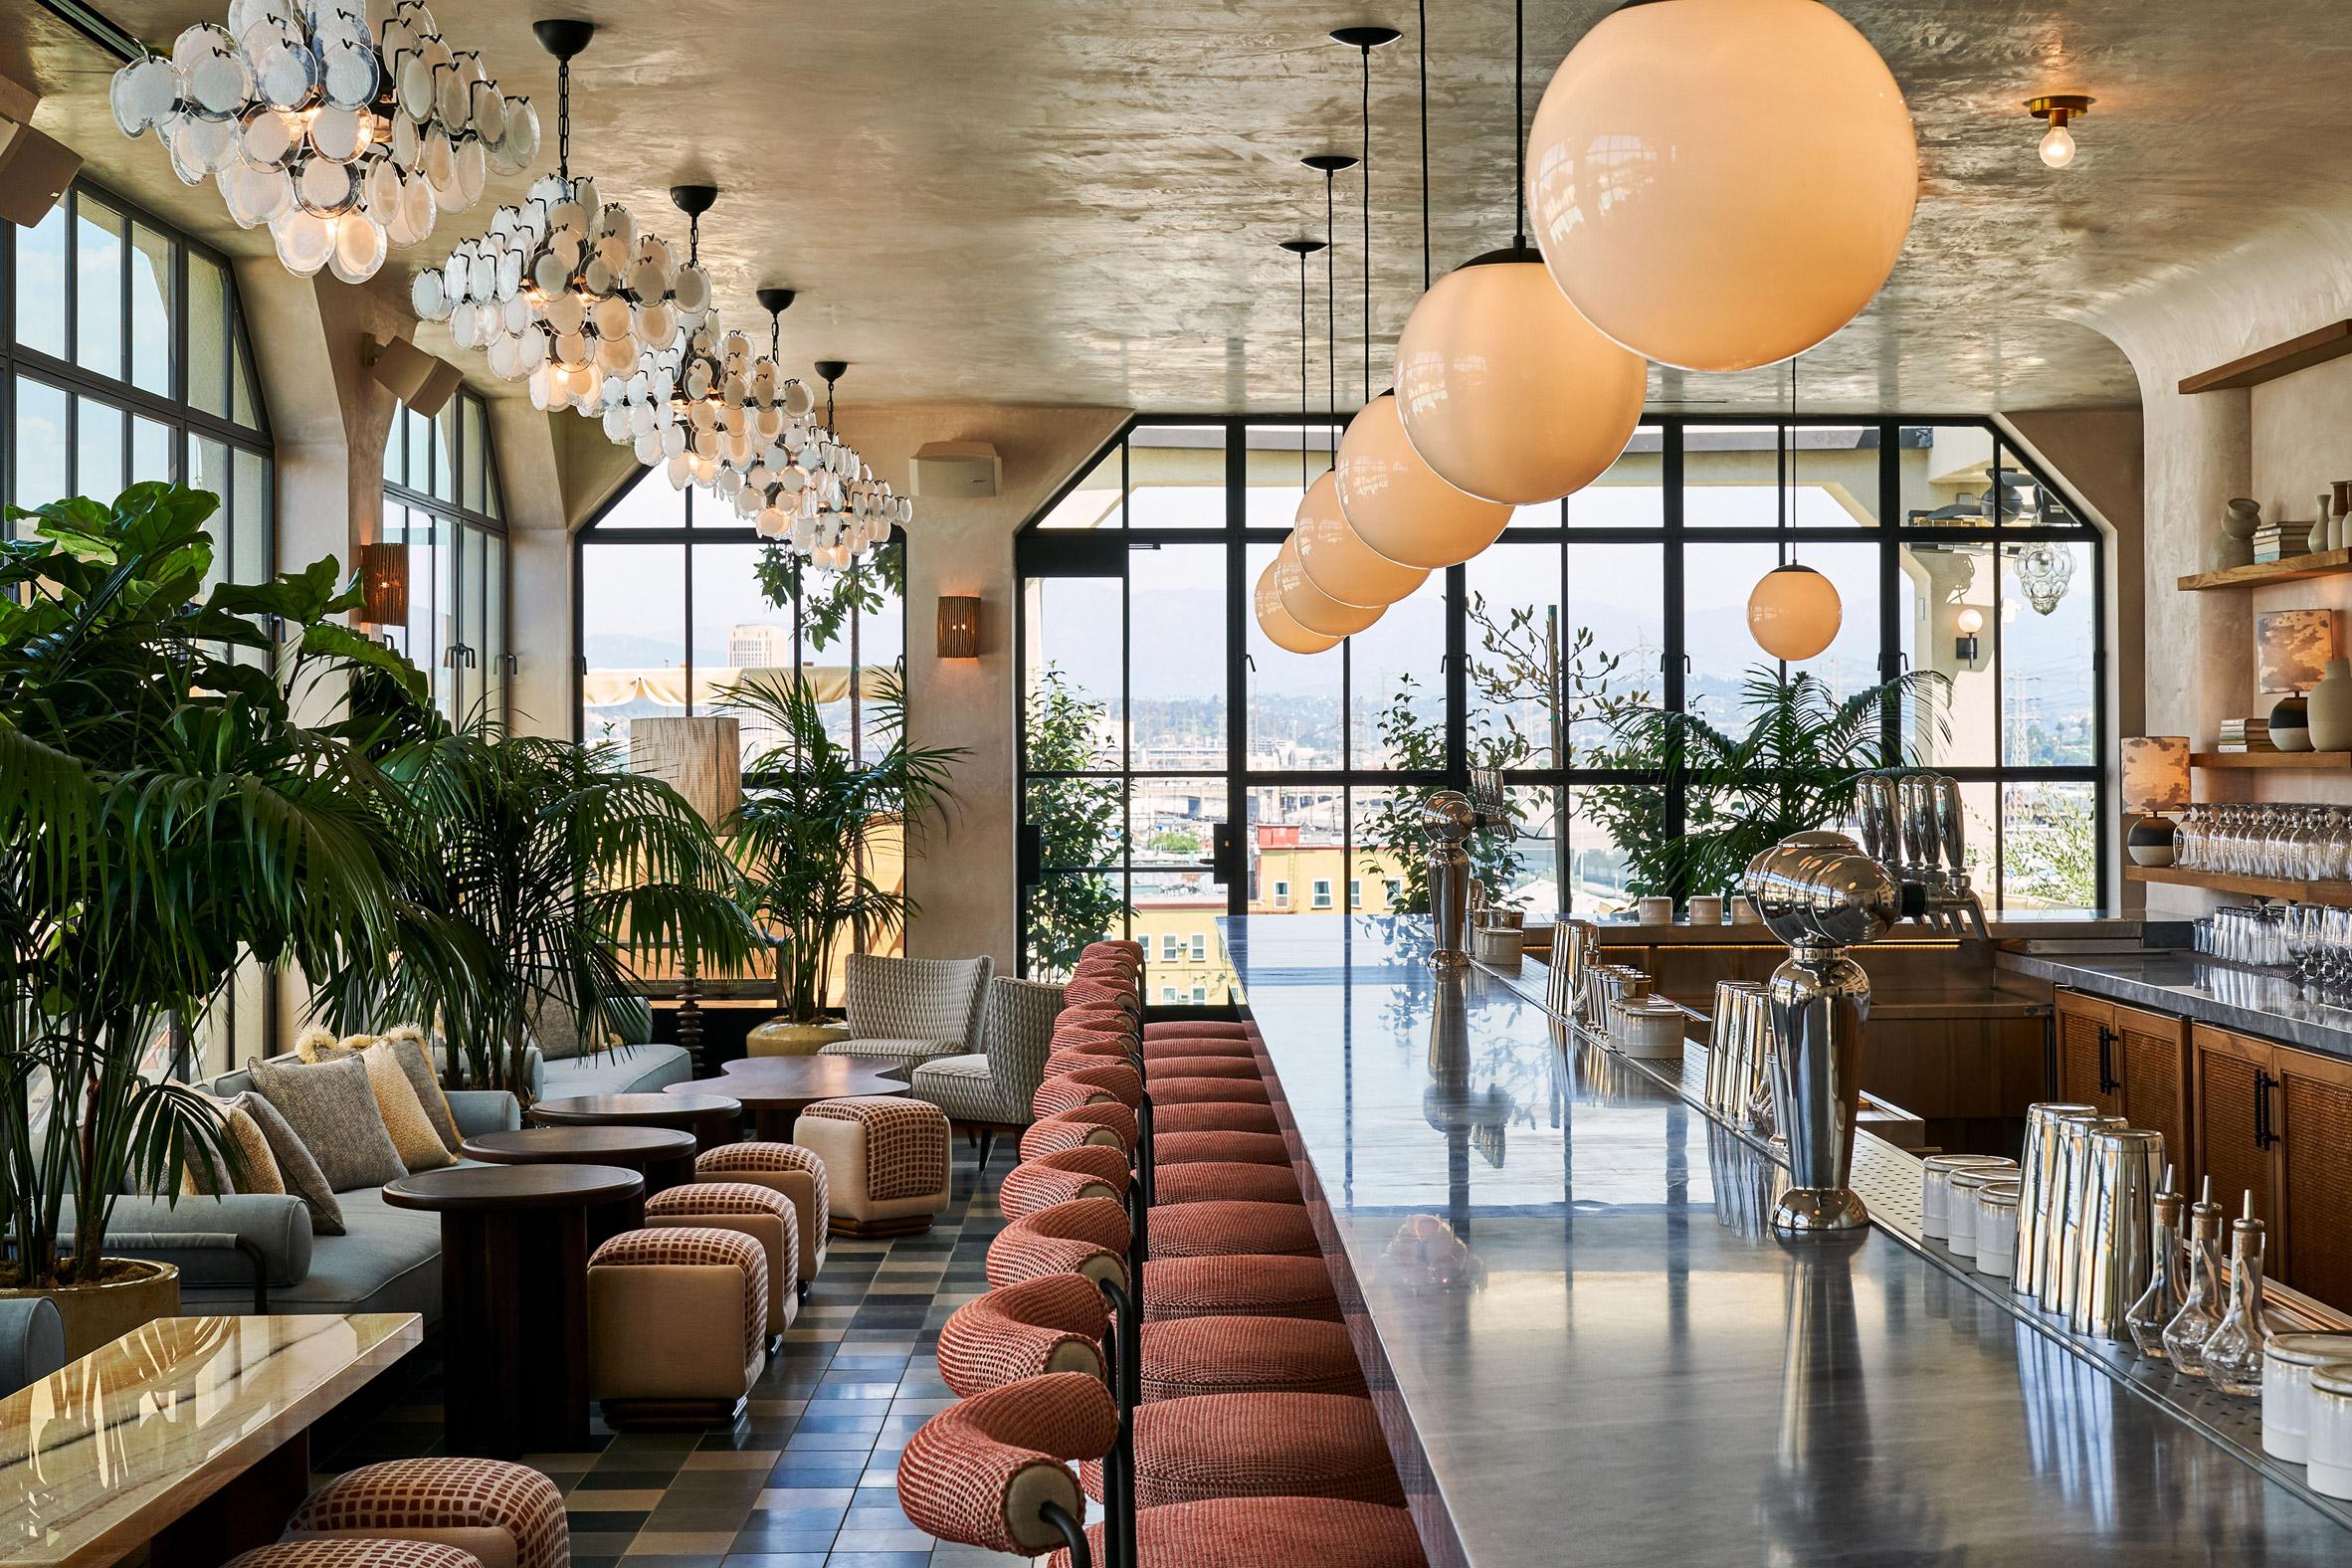 Thiết kế nội thất nhà hàng khách sạn 7